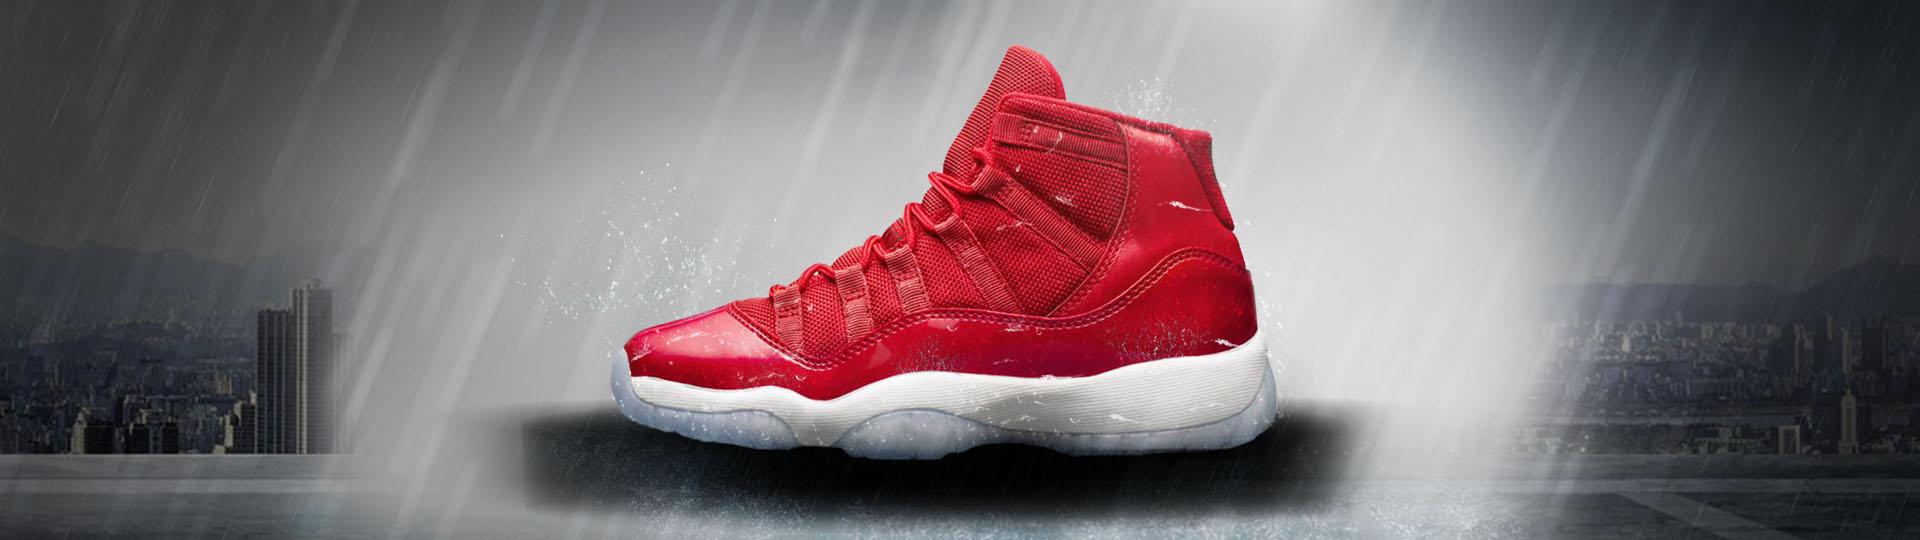 on sale 0124f 295c6 Chaussures de basket chaussures de course chaussures de footballParconcorde  11